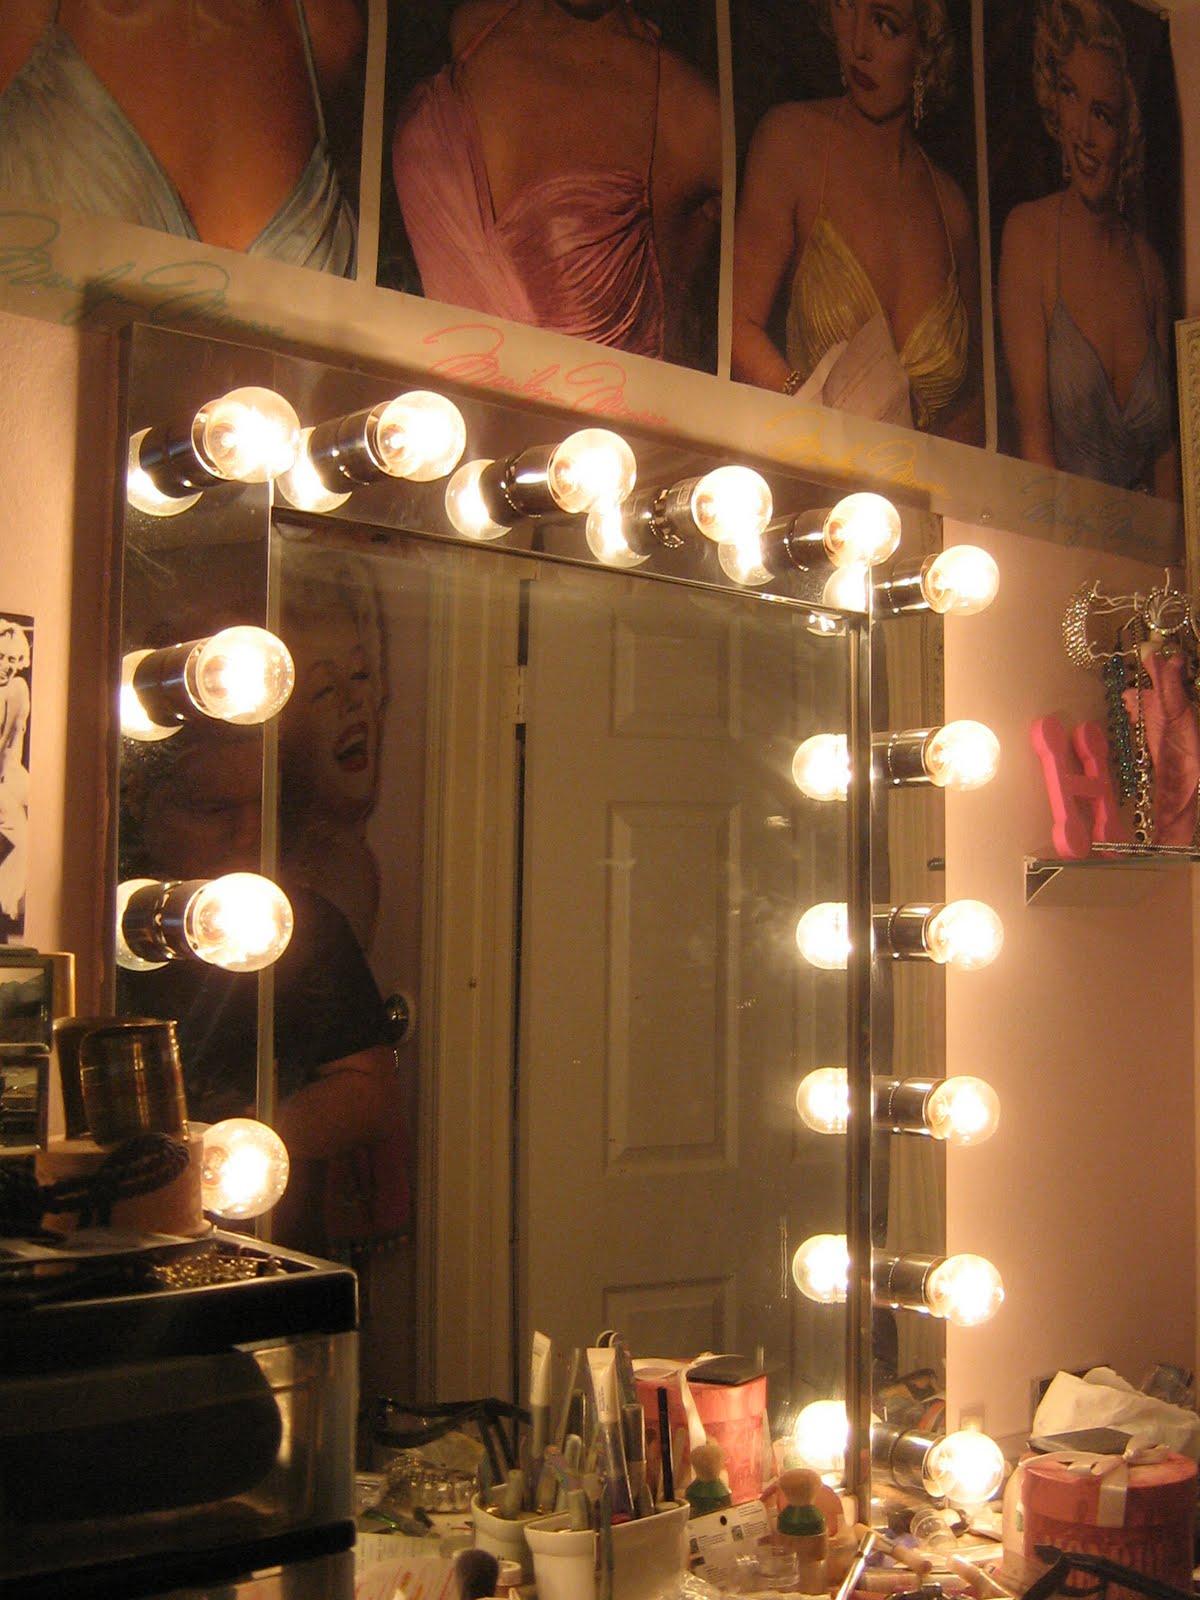 http://4.bp.blogspot.com/-v1GdfkxCLyc/Tk2IuDpgjHI/AAAAAAAAA7A/j1uYSlQPcIA/s1600/Picture%2B498.jpg